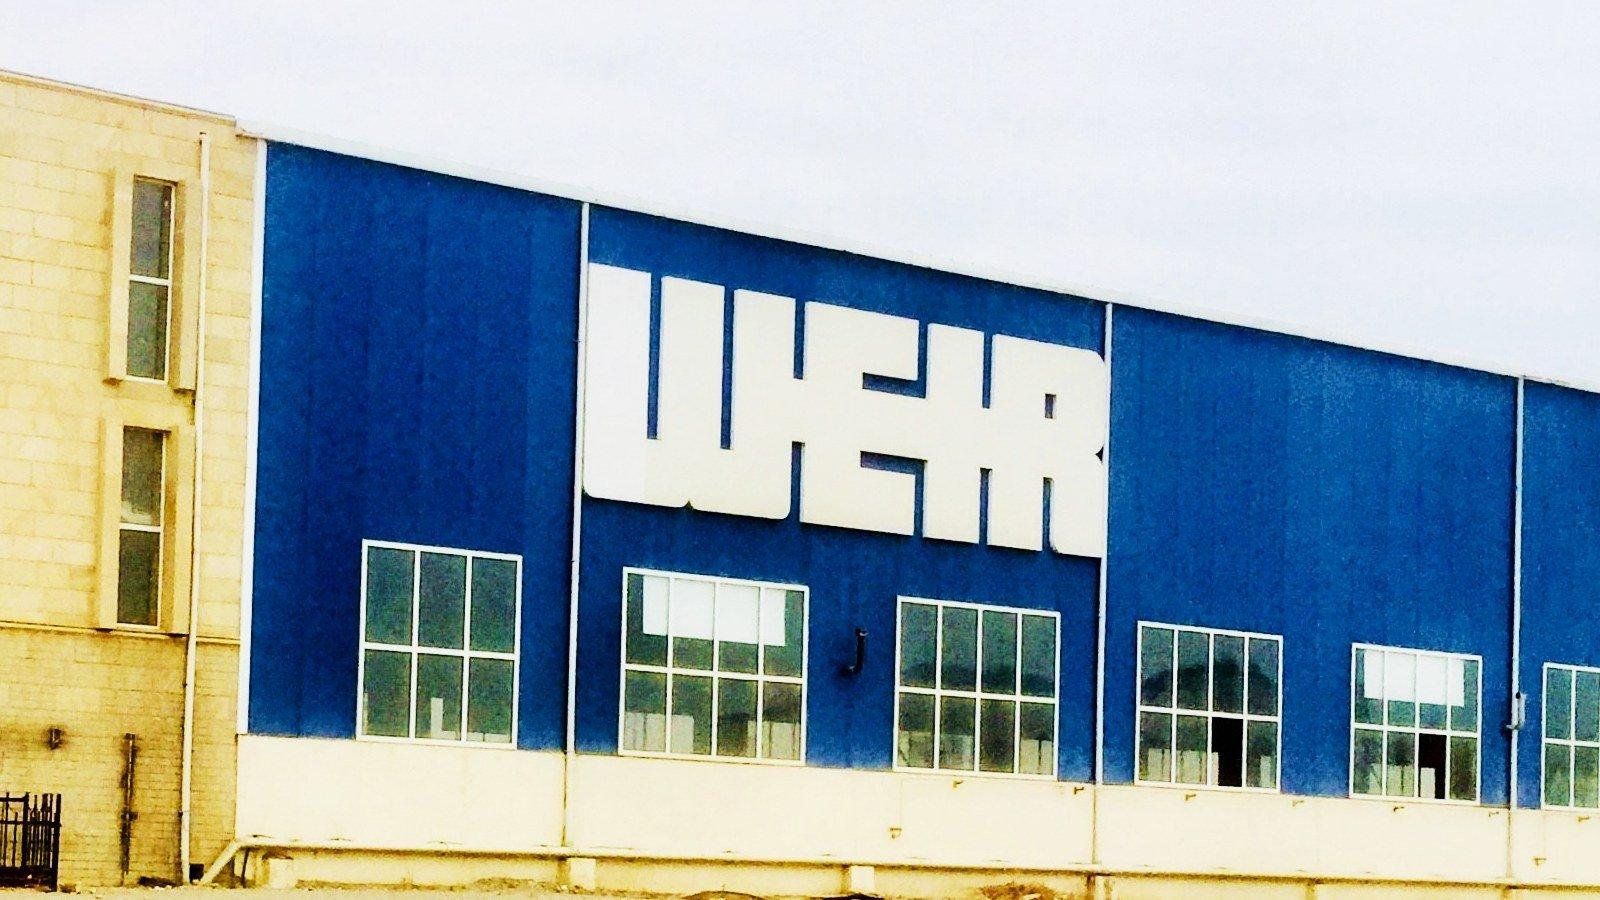 Машиностроительная компания Weir Group потеряет £5 млн из-за кибератаки